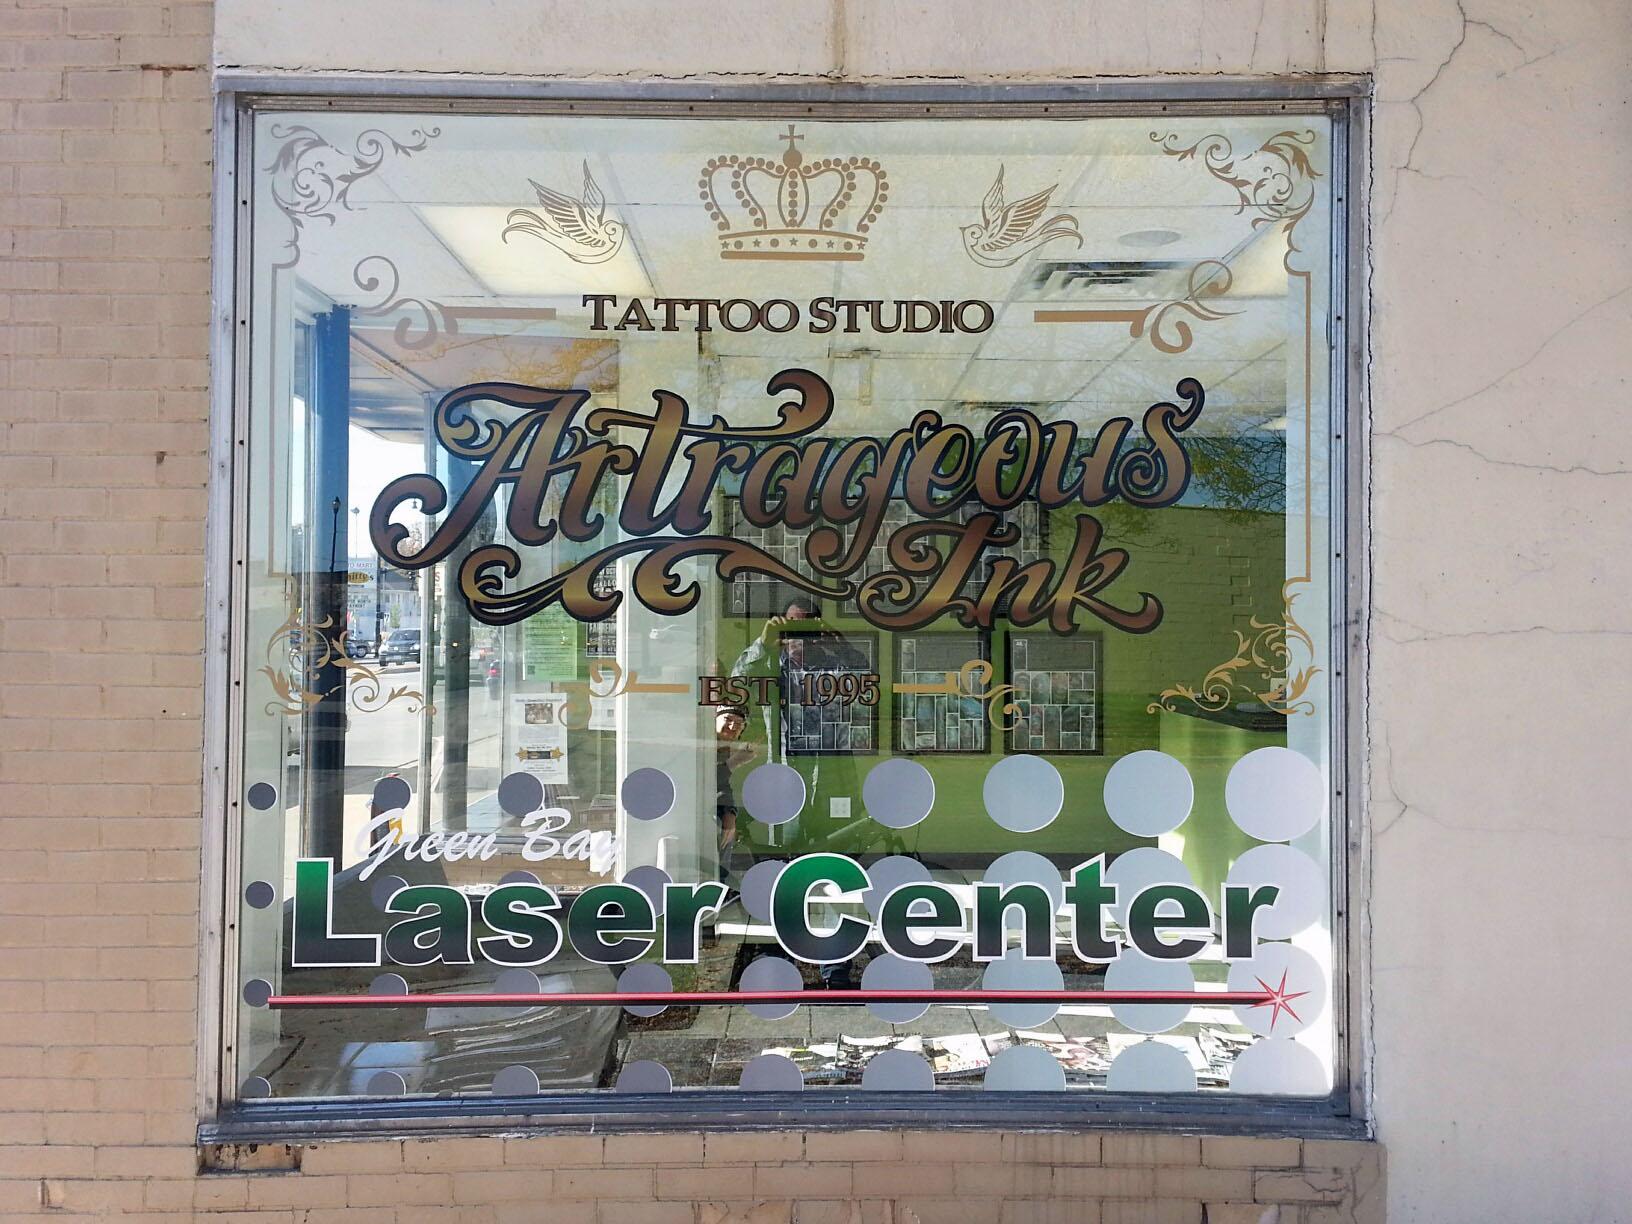 Artrageous & Green Bay Laser